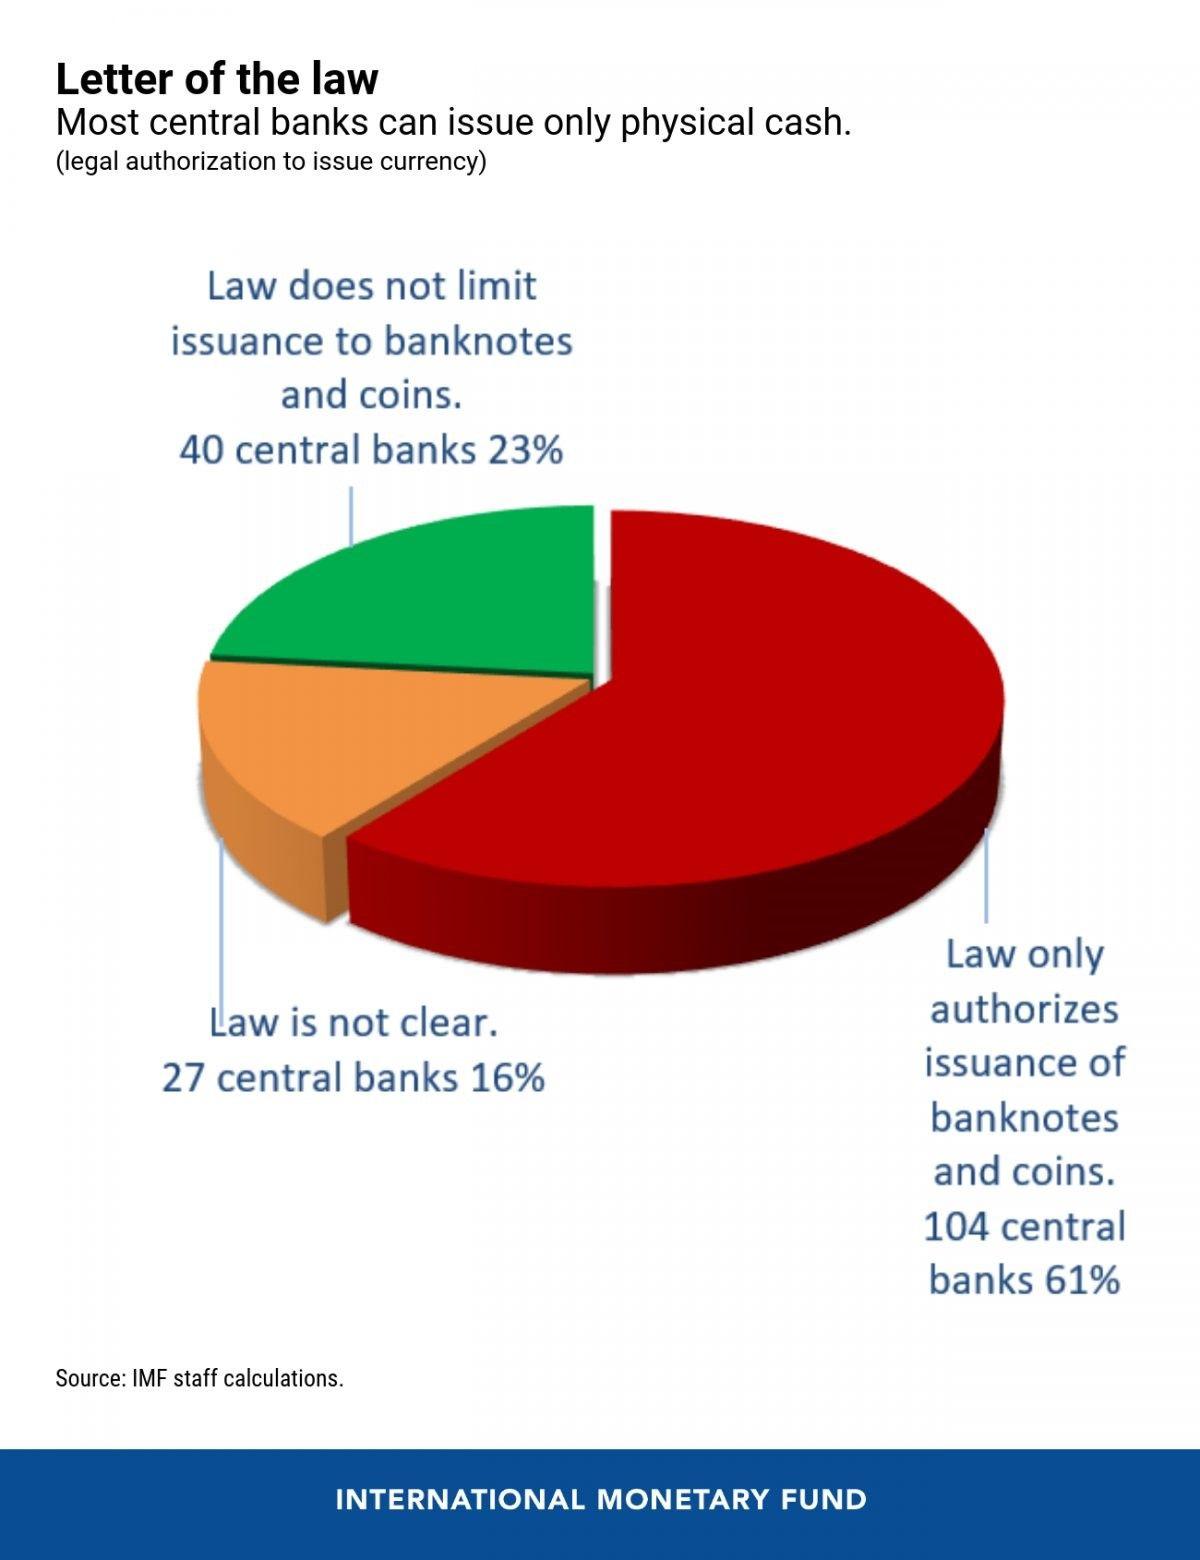 МВФ: «лишь 23% ЦБ могут легально выпускать государственные криптовалюты»